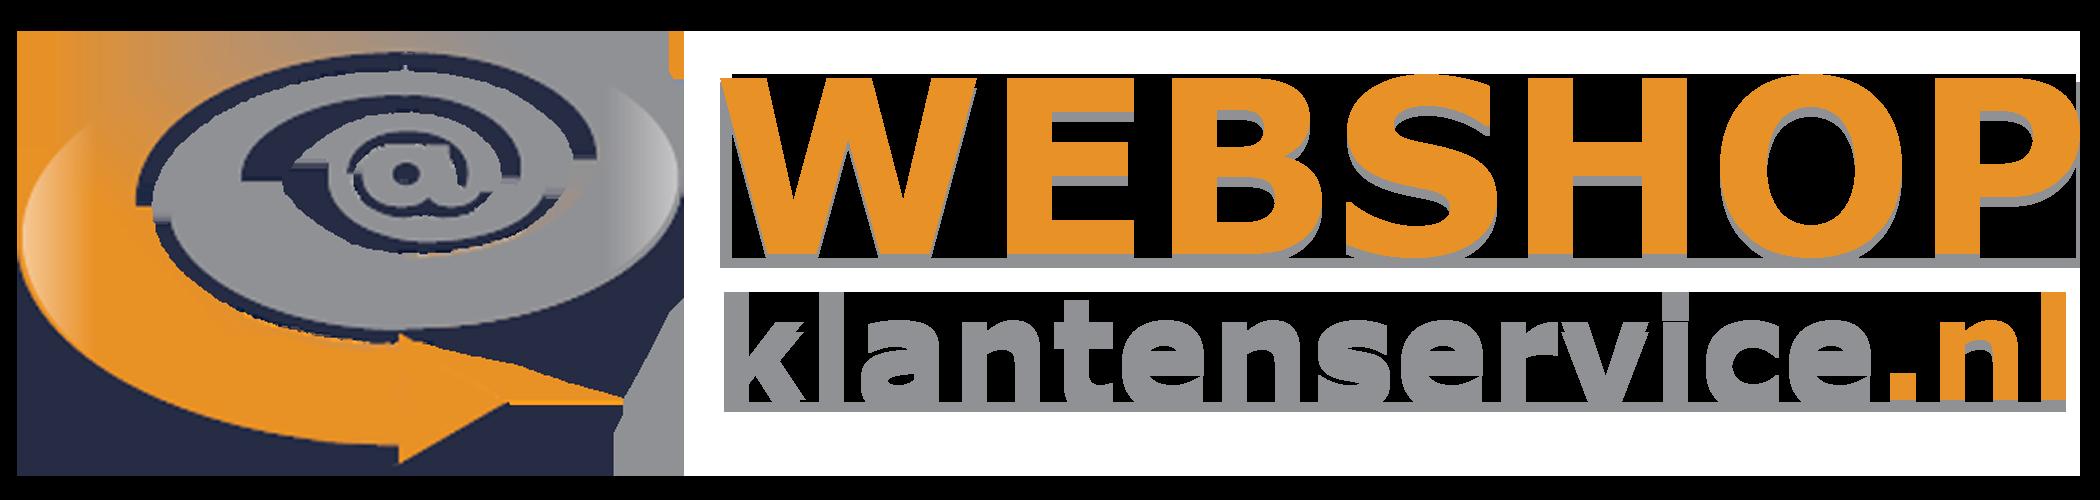 Webshop klantenservice uitbesteden